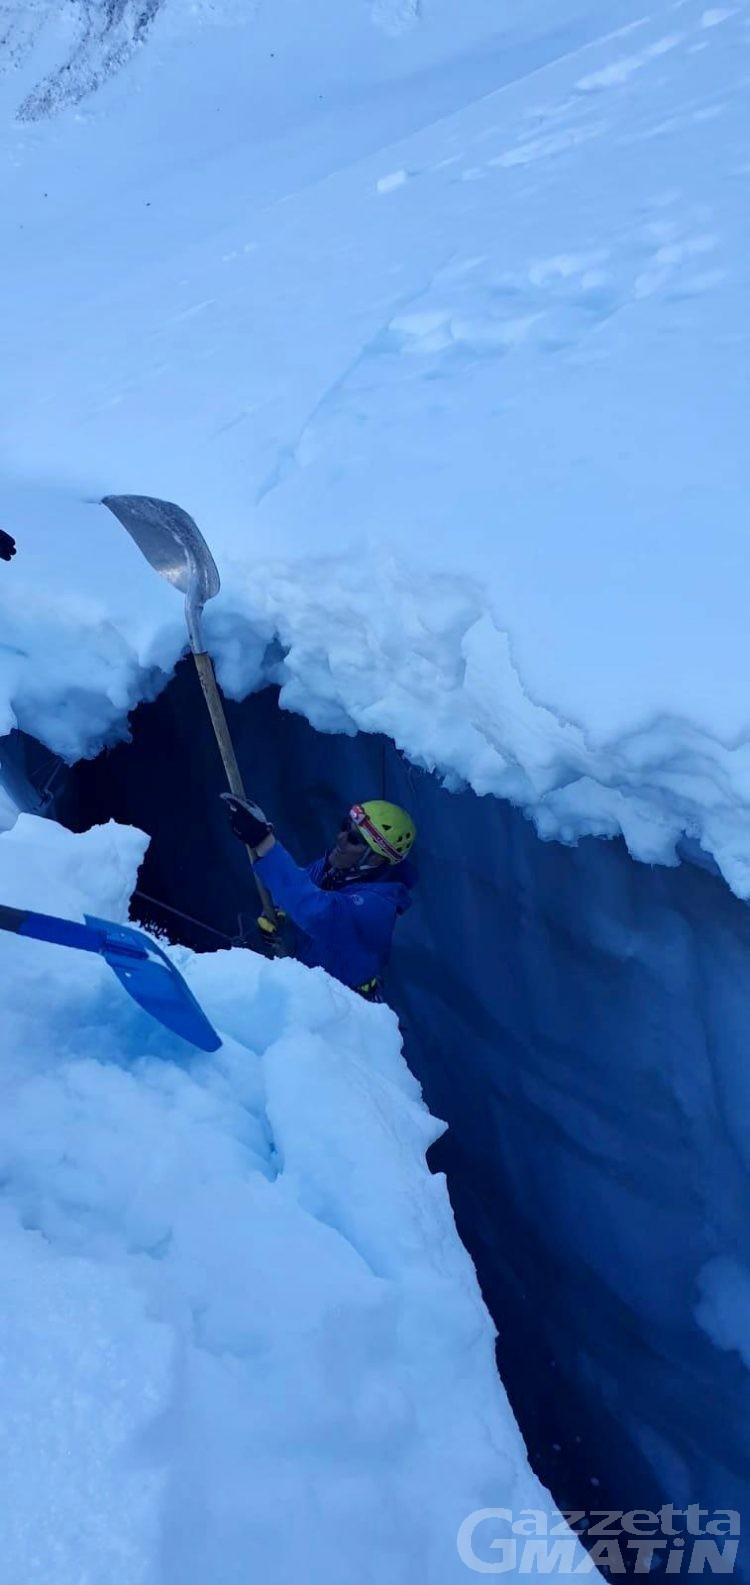 Gran Paradiso, recuperato il corpo senza vita del giovane alpinista Daniele Catorci